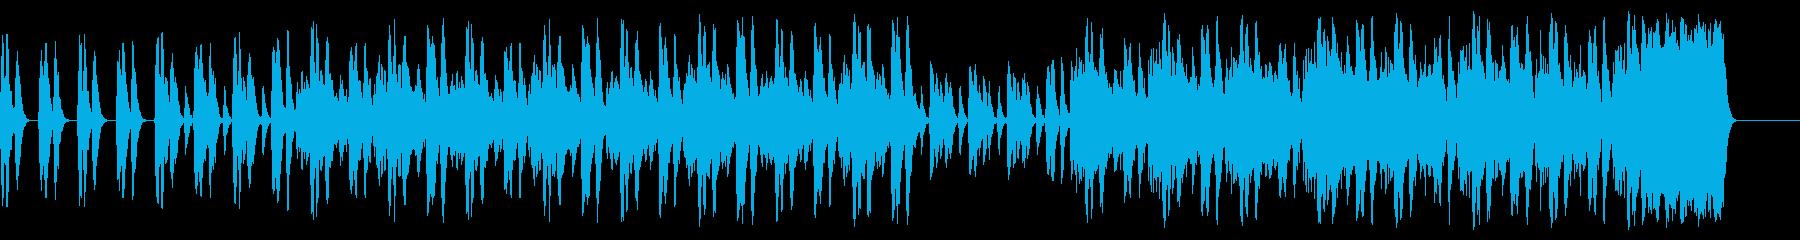 何かを予感させる緊張感のあるストリングスの再生済みの波形